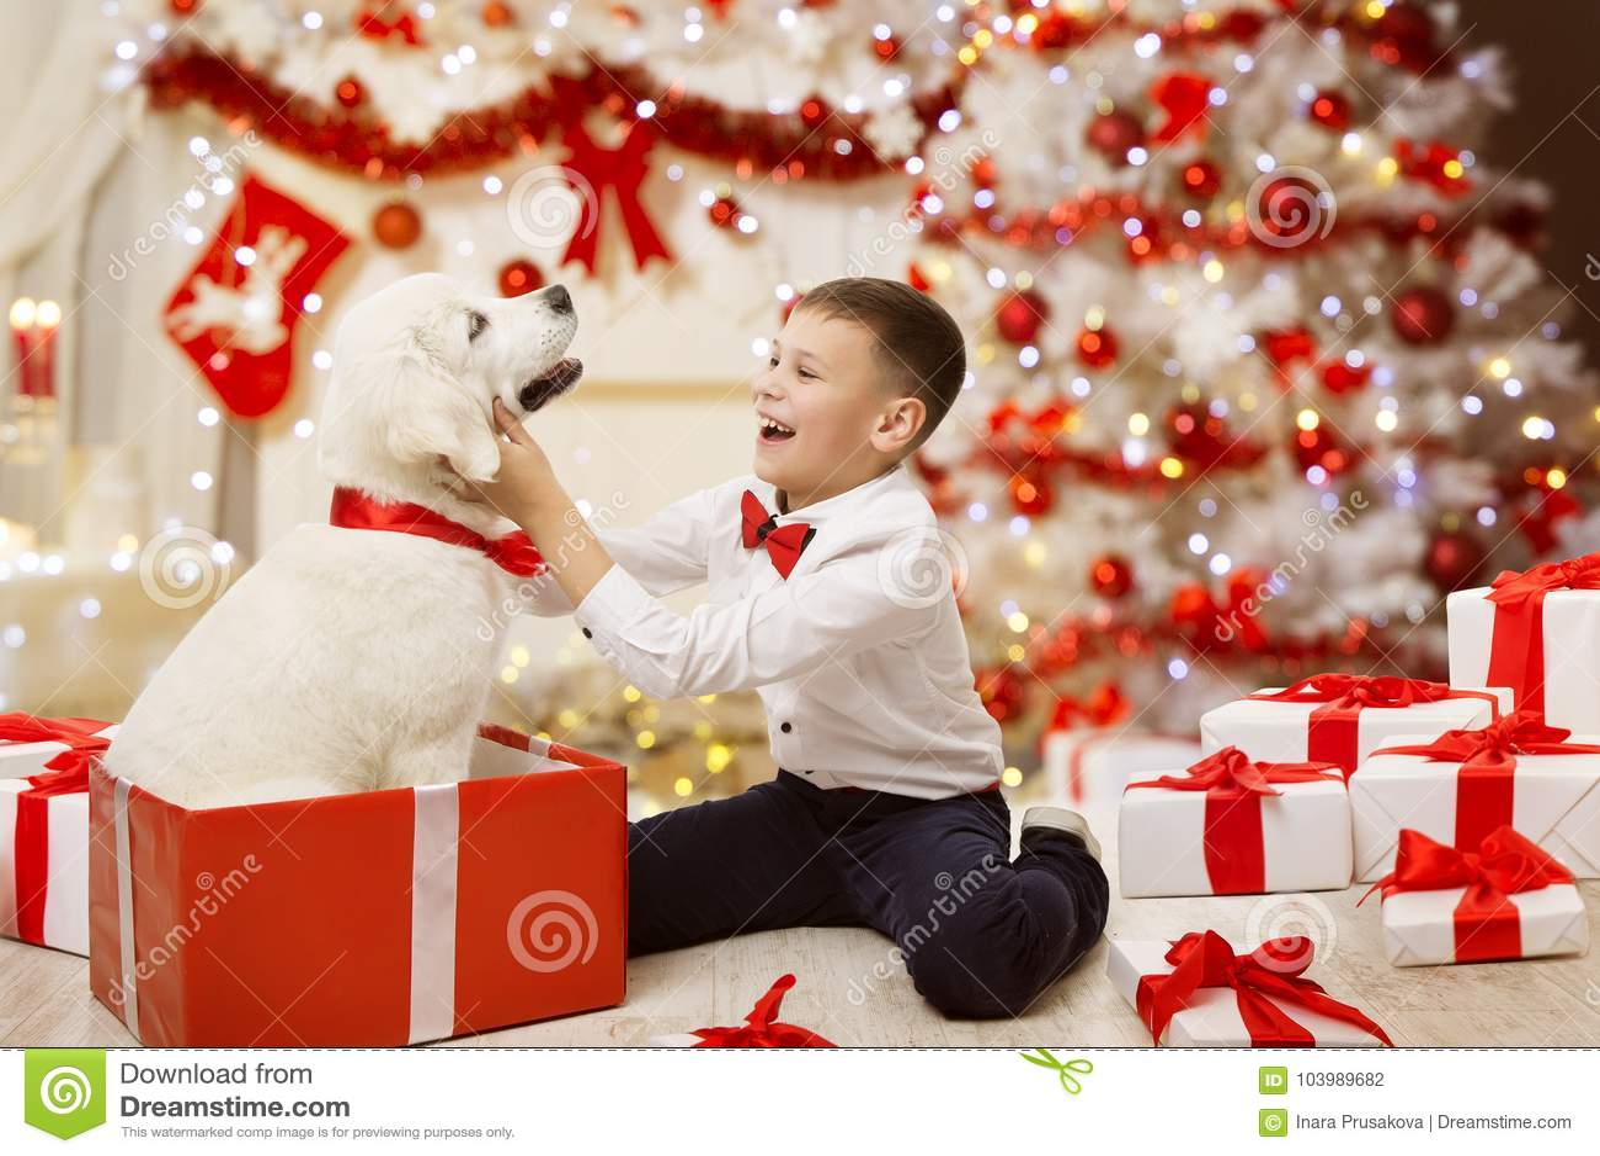 Παιδί που παίρνει το παρόν, ευτυχές αγόρι παιδιών σκυλιών Χριστουγέννων, χριστουγεννιάτικο δέντρο